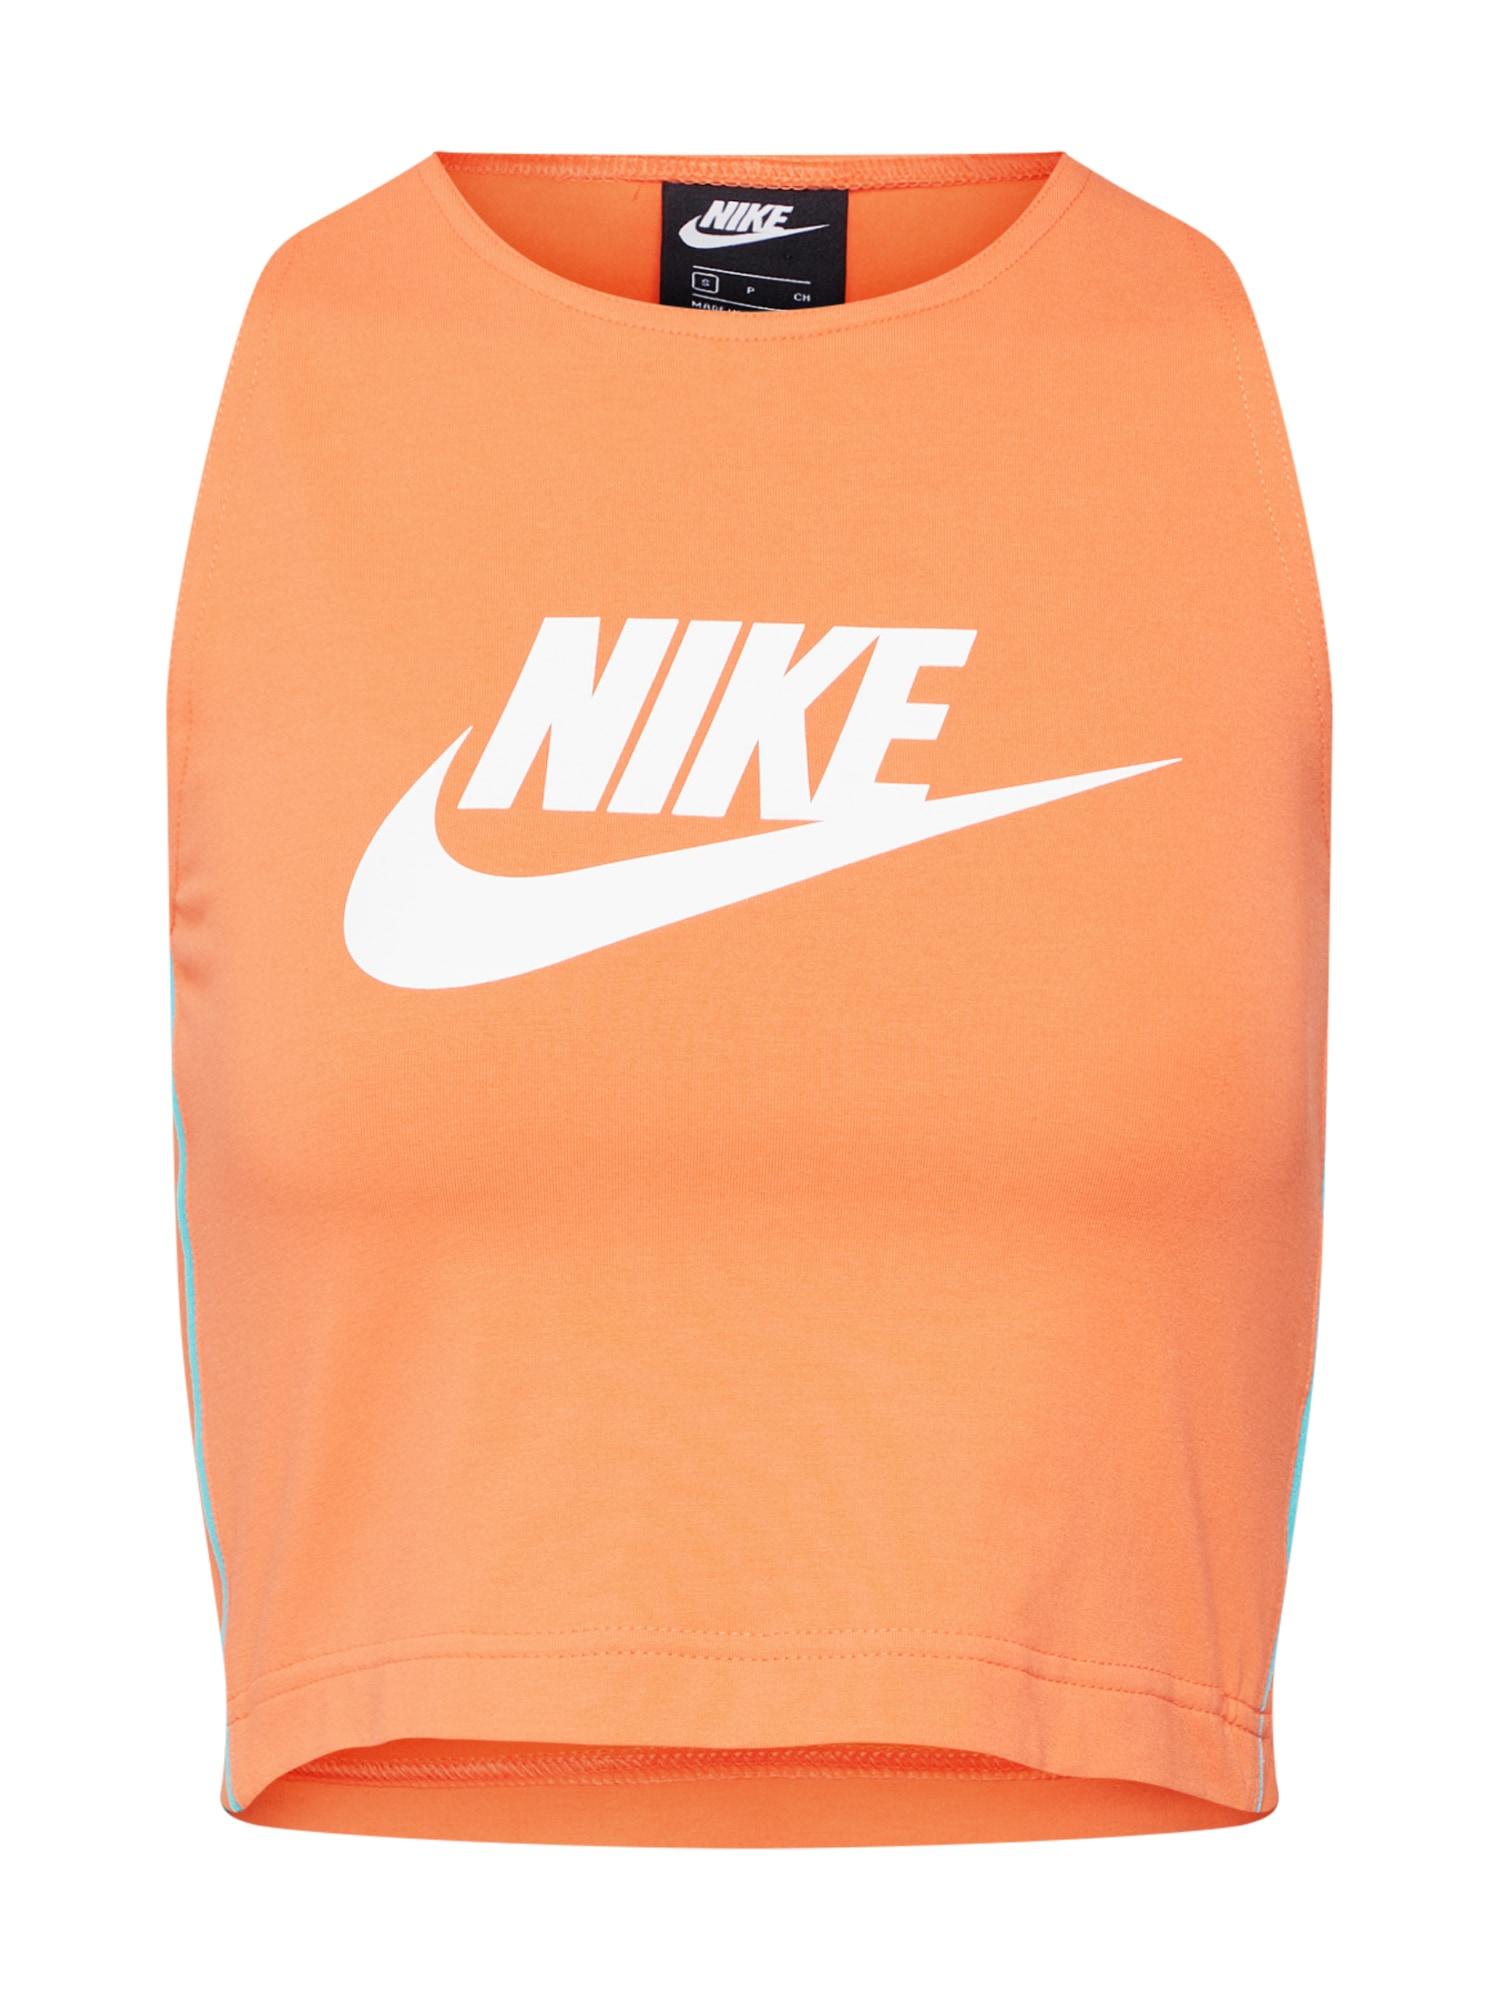 Top tyrkysová oranžově červená Nike Sportswear